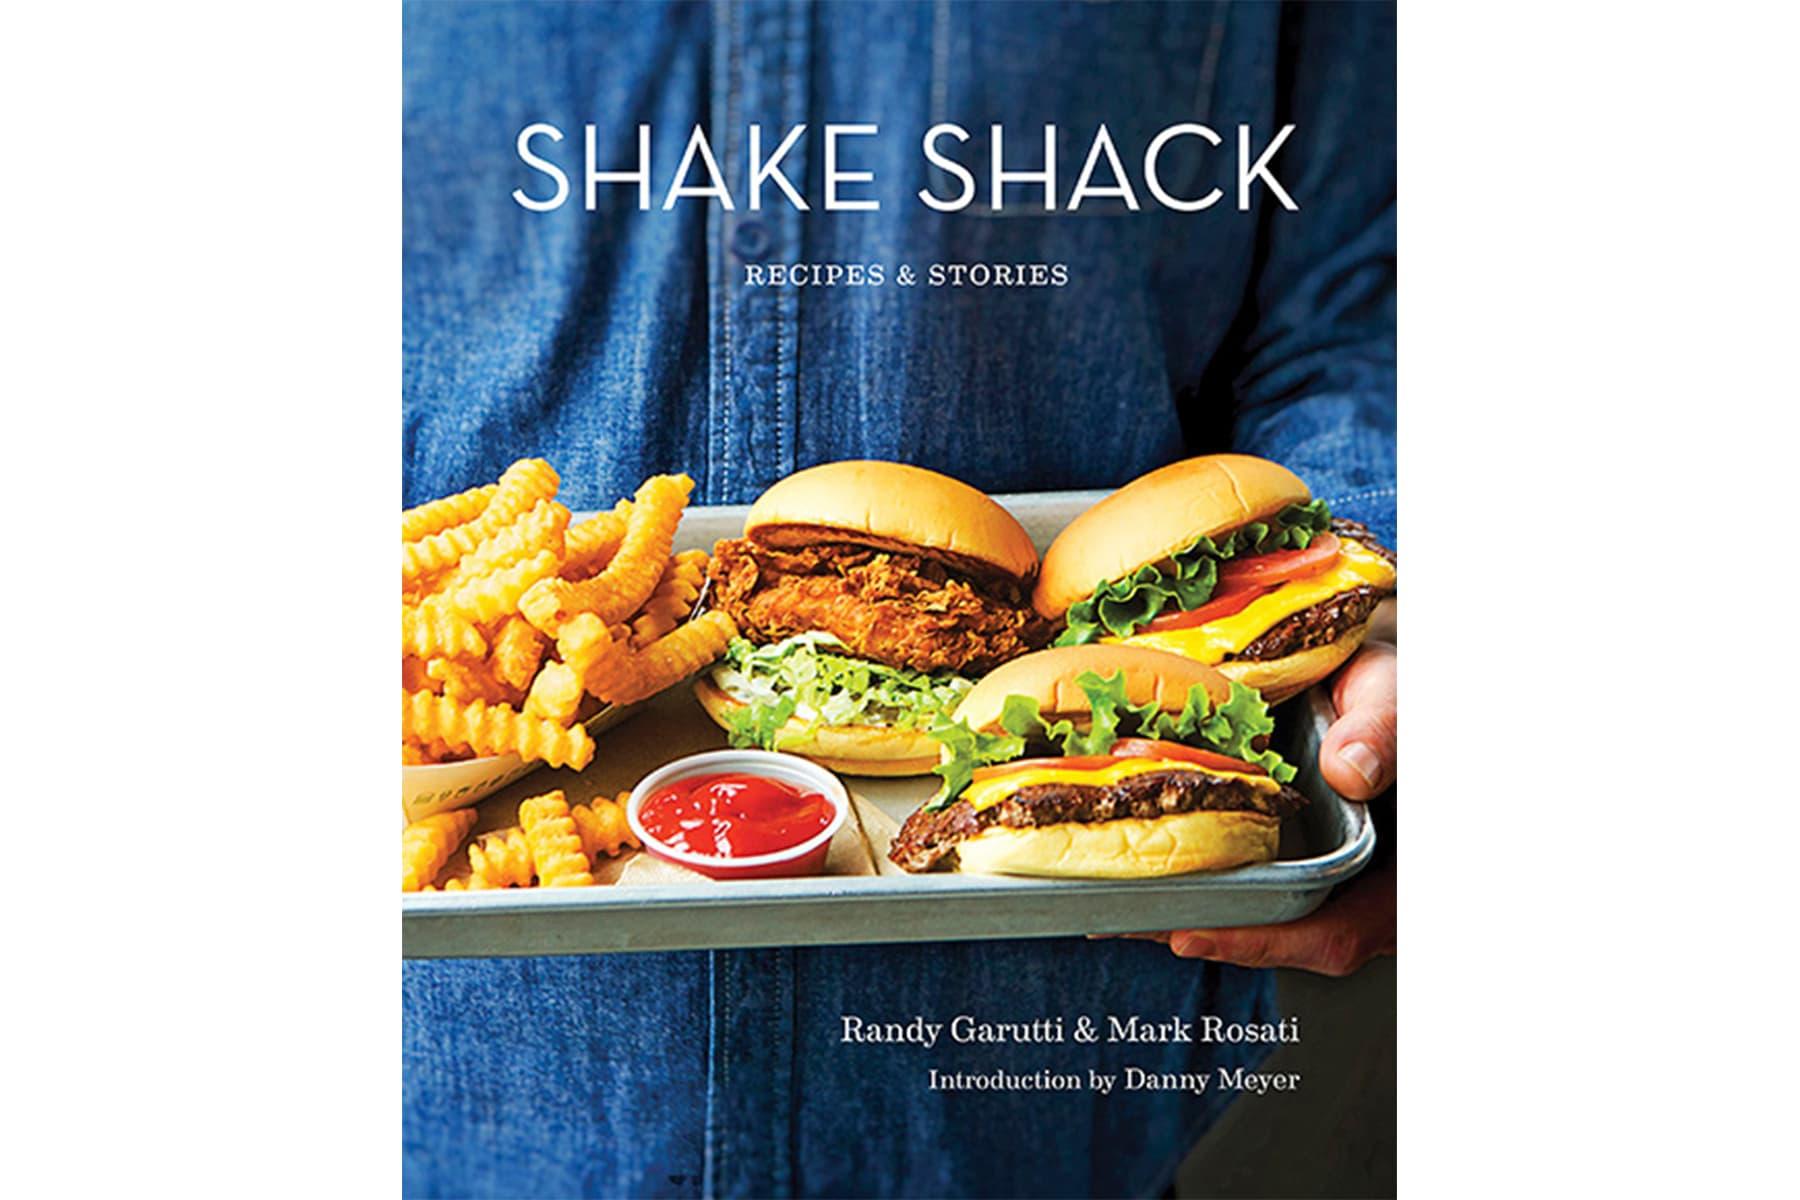 人気バーガー店の Shake Shack よりグルメな大冊『SHAKE SHACK: RECIPES & STORIES』が登場